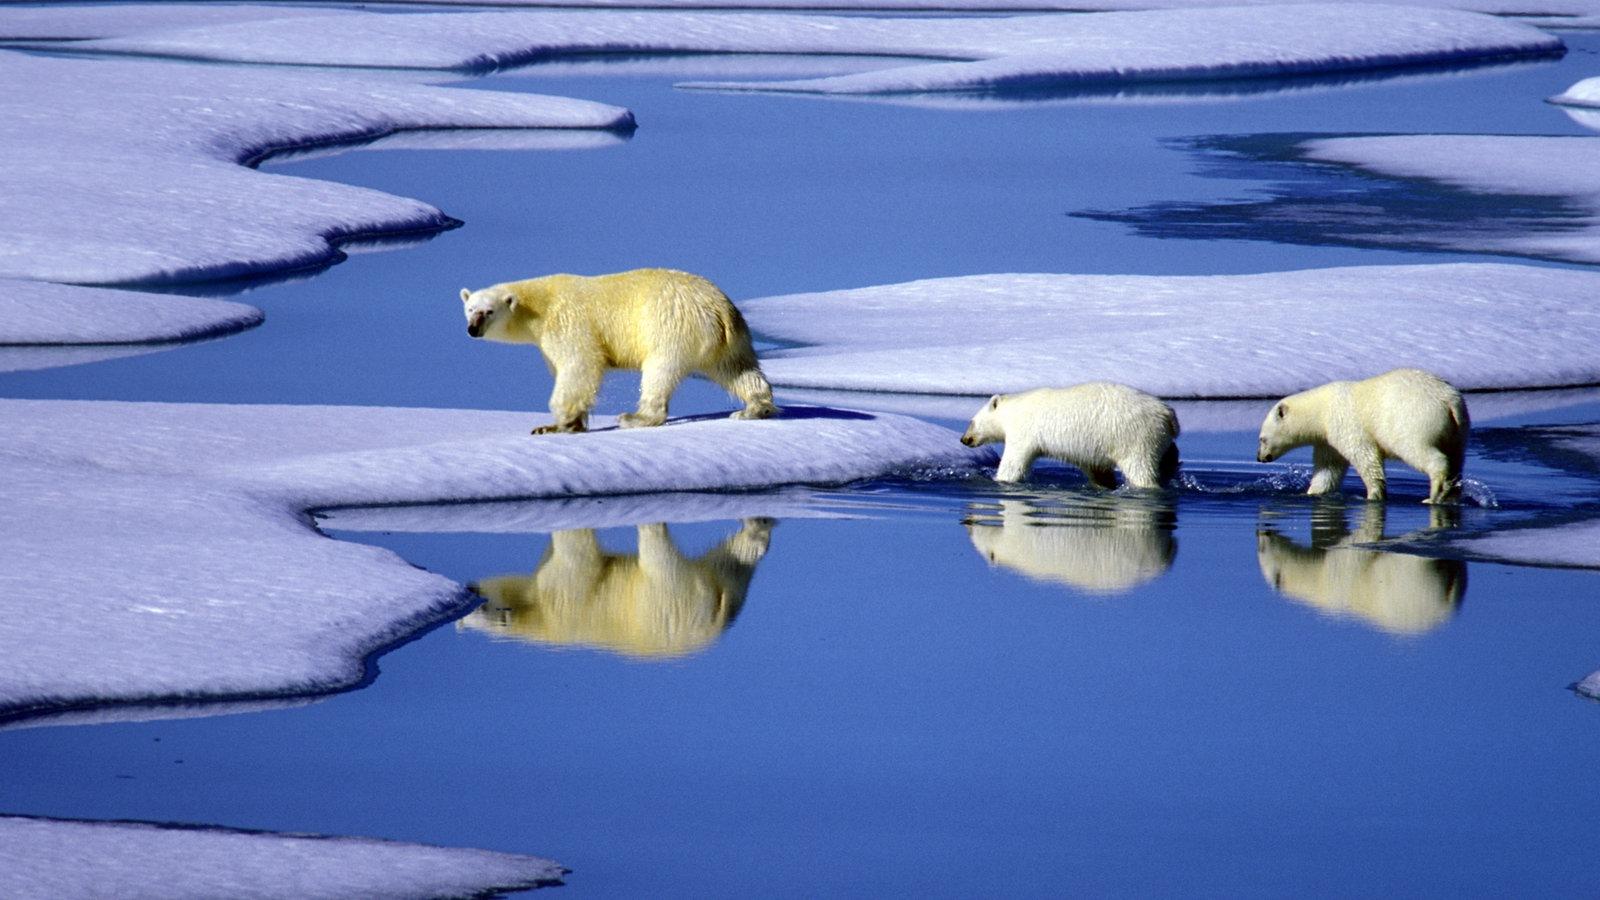 Arktische Tierwelt: Eisbären - Polarregionen - Natur - Planet Wissen